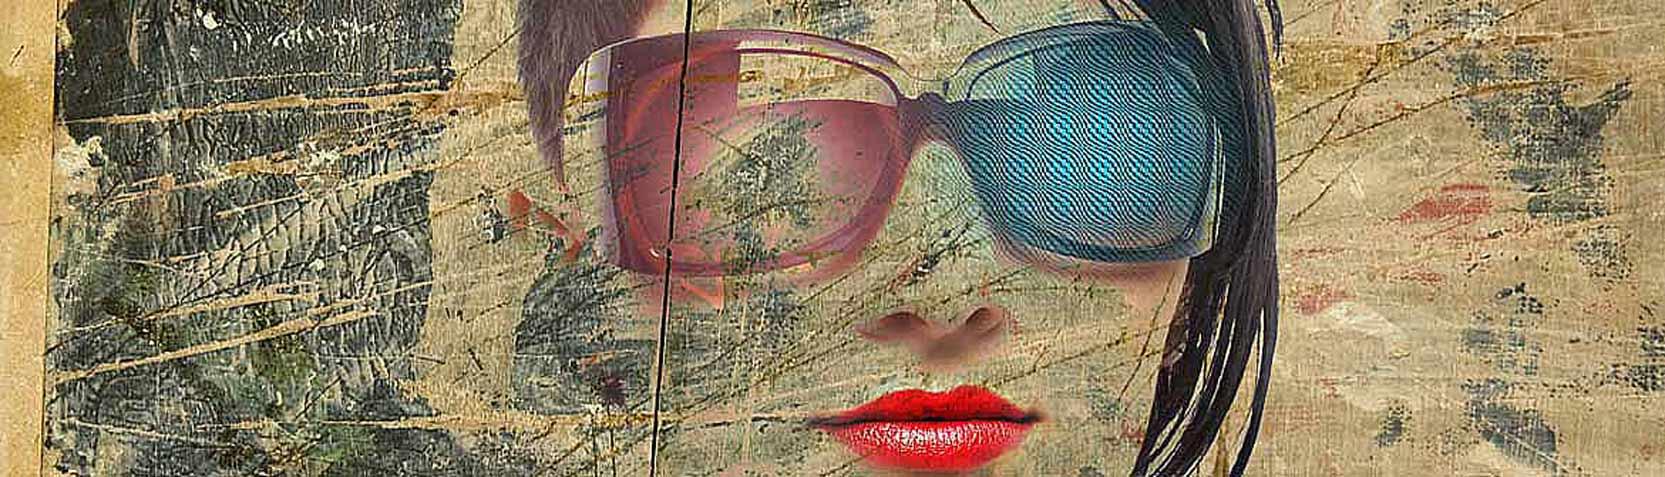 Kunststile - Moderne Kunst